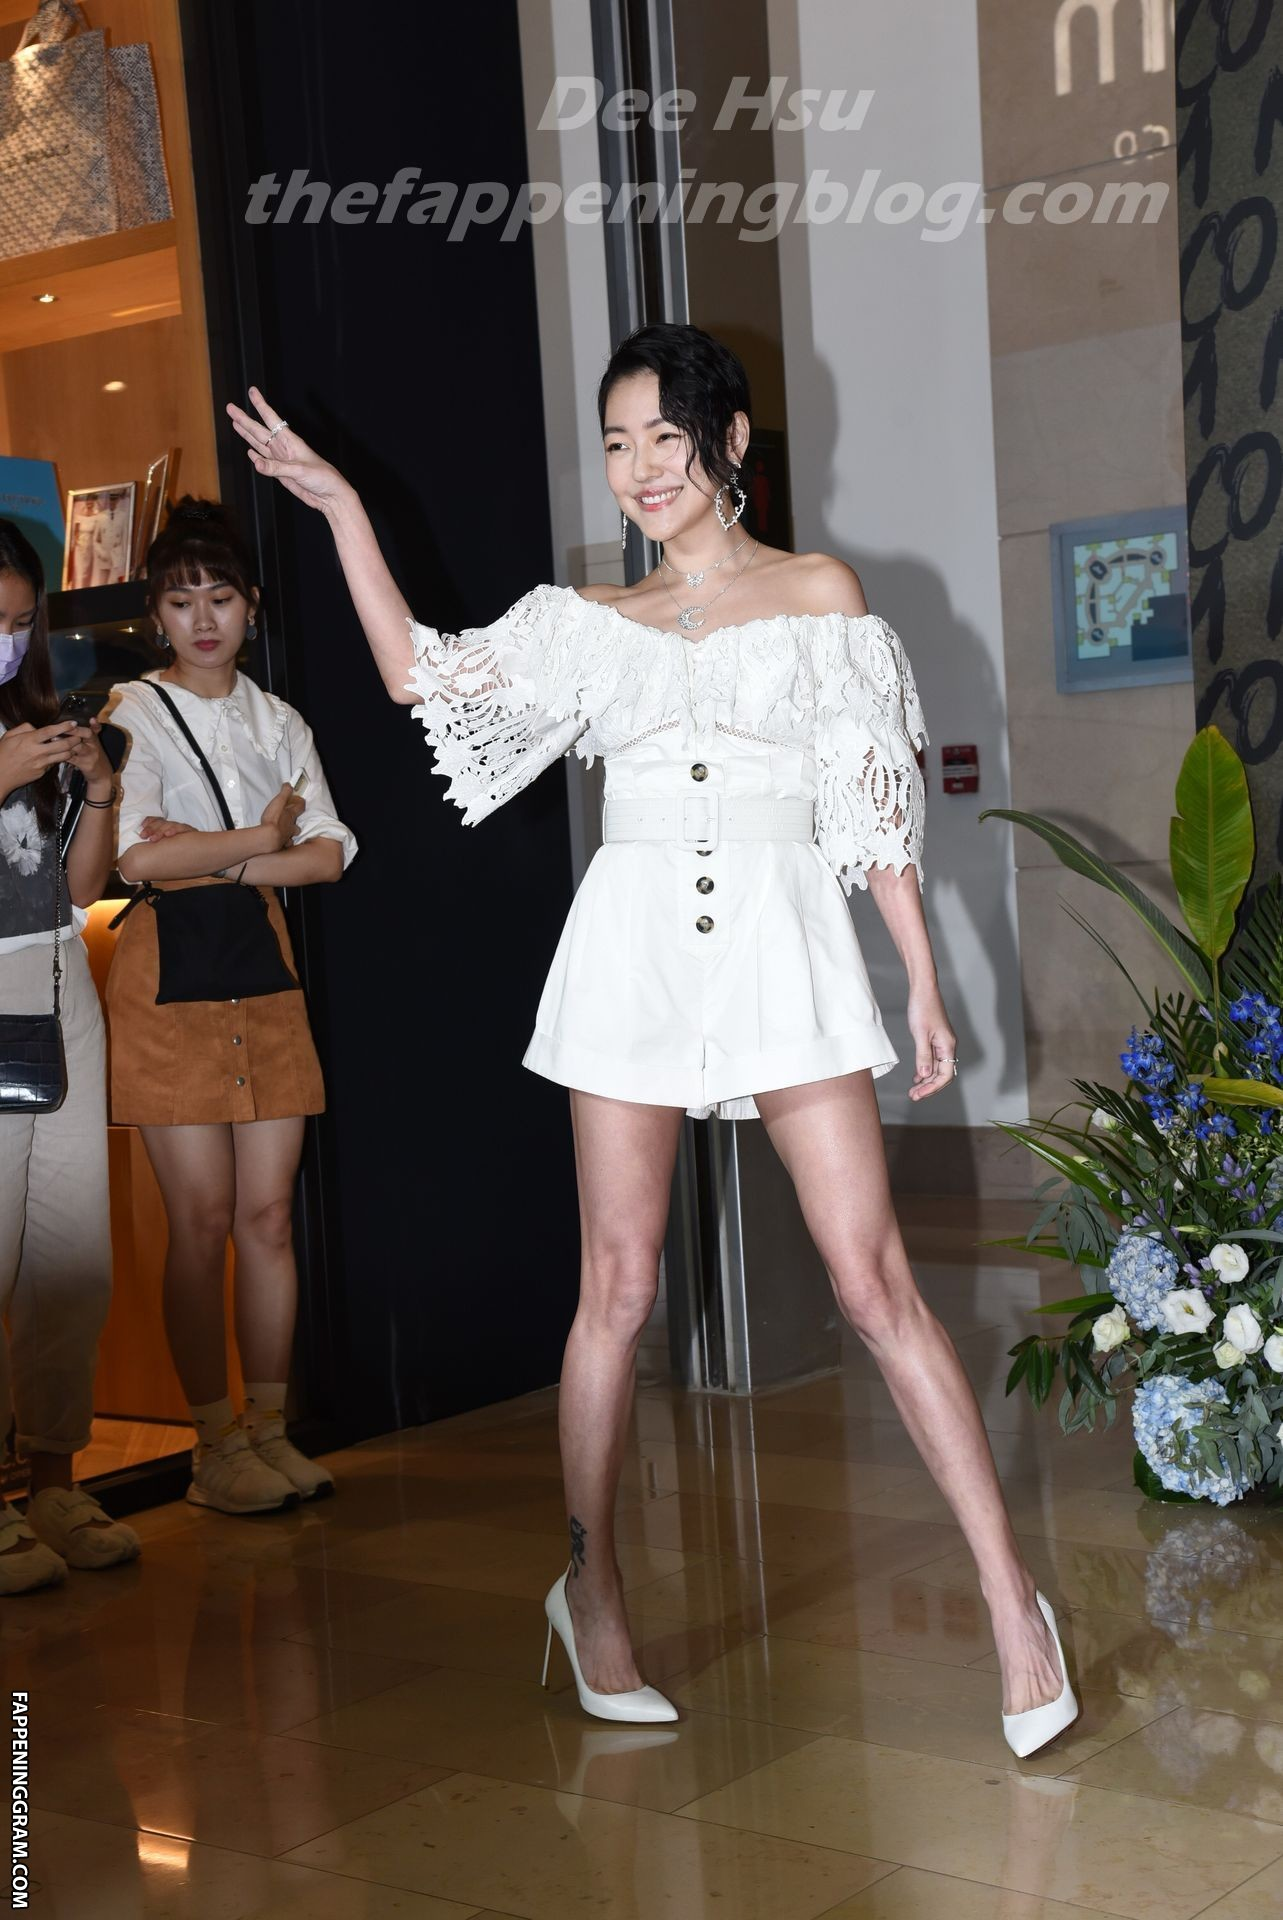 Dee Hsu Nude